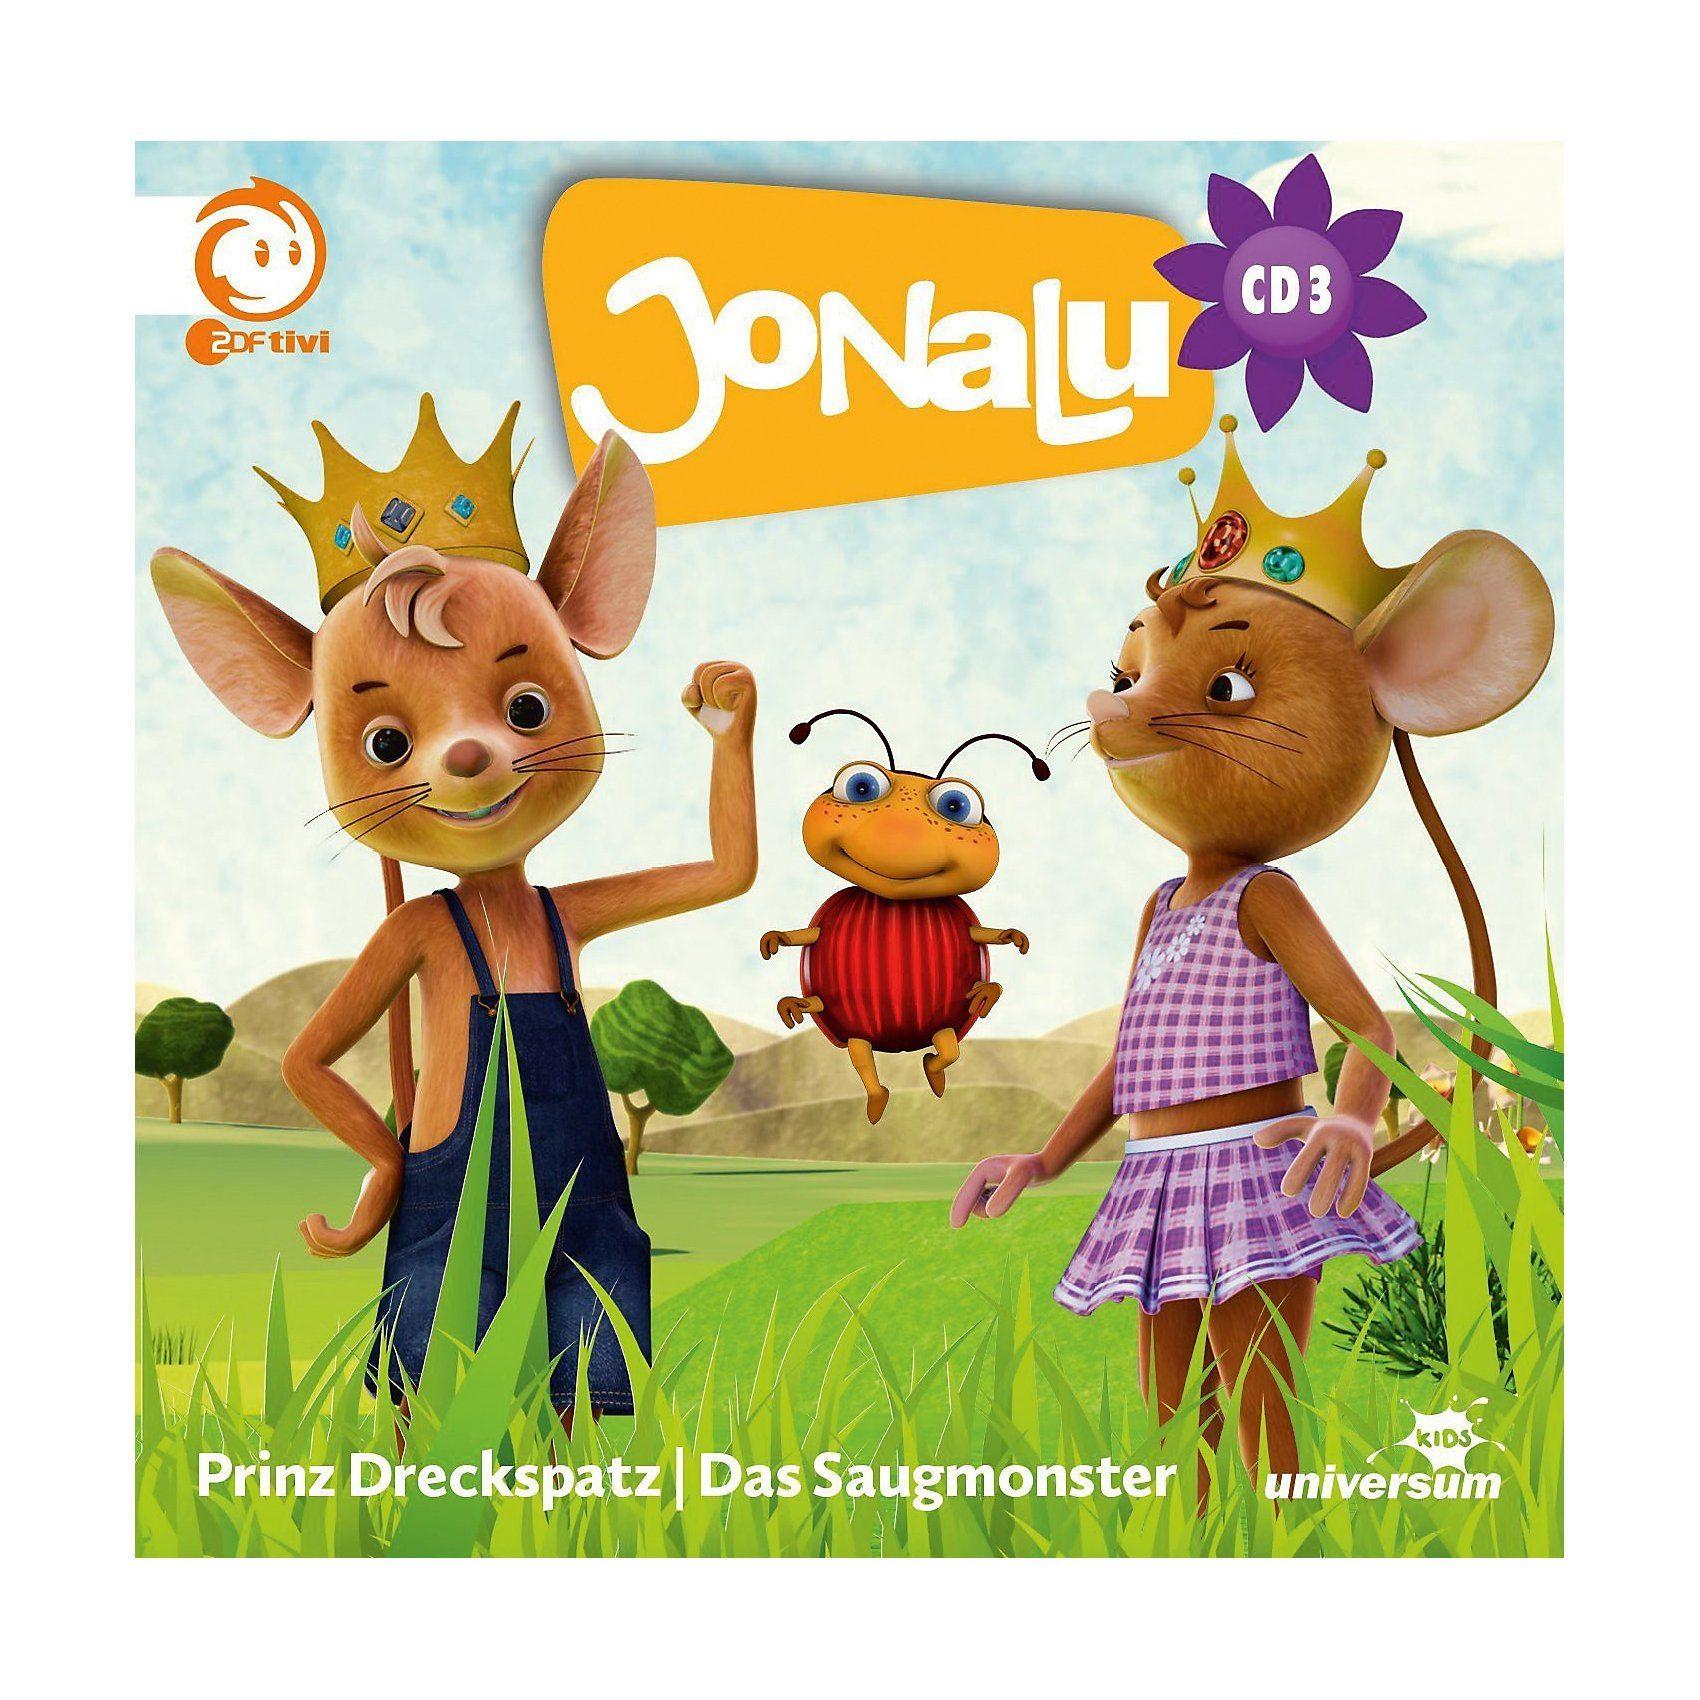 universum CD JoNaLu 03